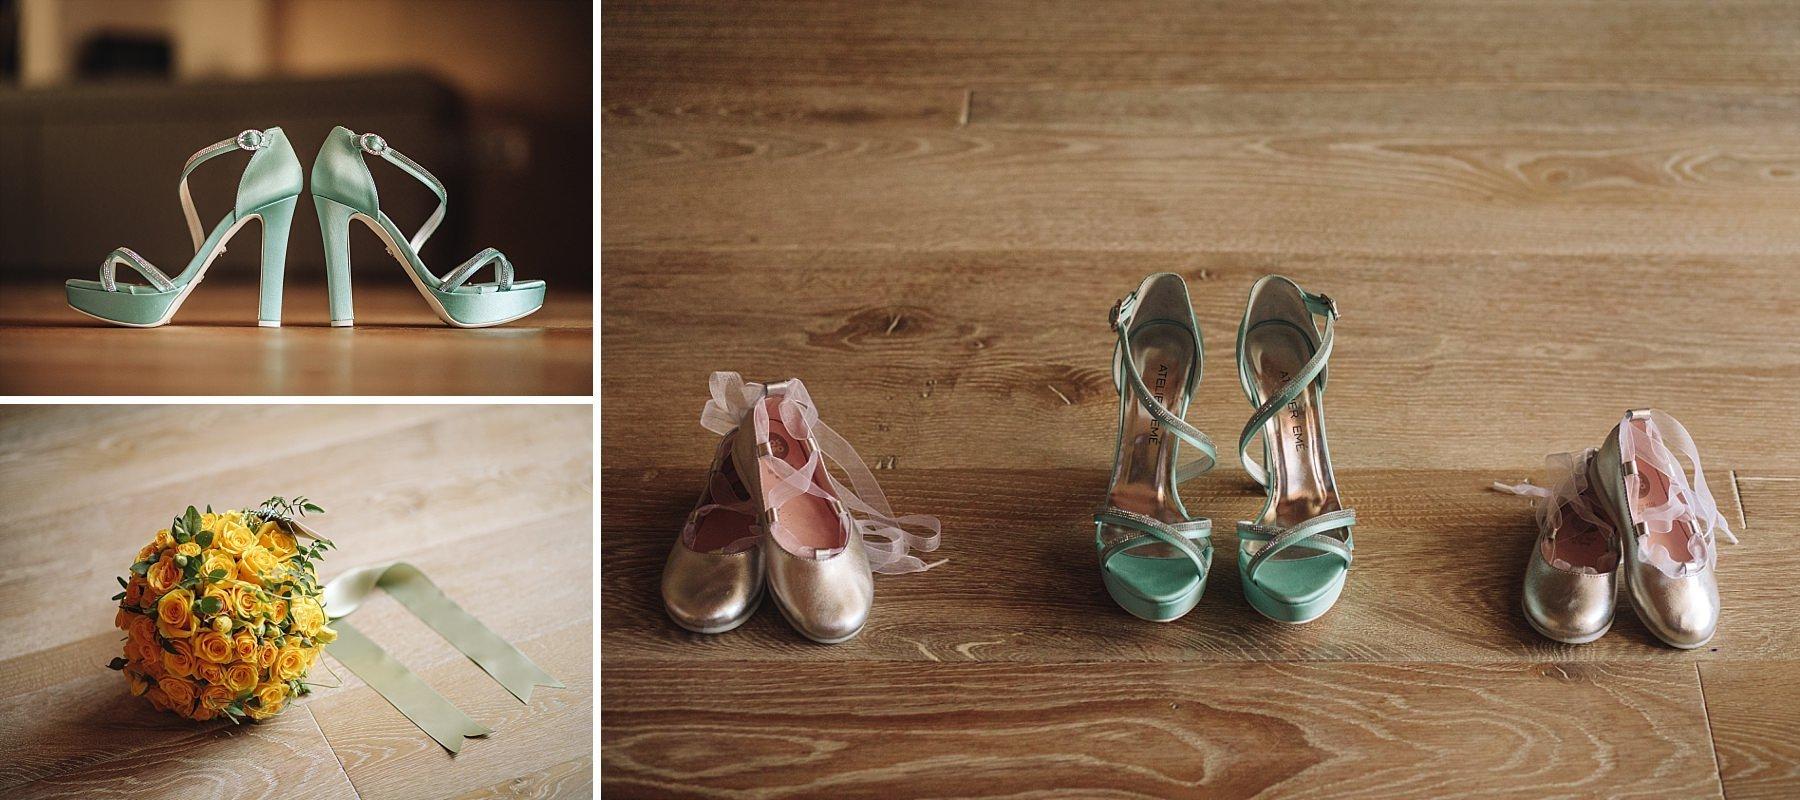 Dettagli di una Sposa con Scarpe Atelier Emé e Bouquet Jardin Divers